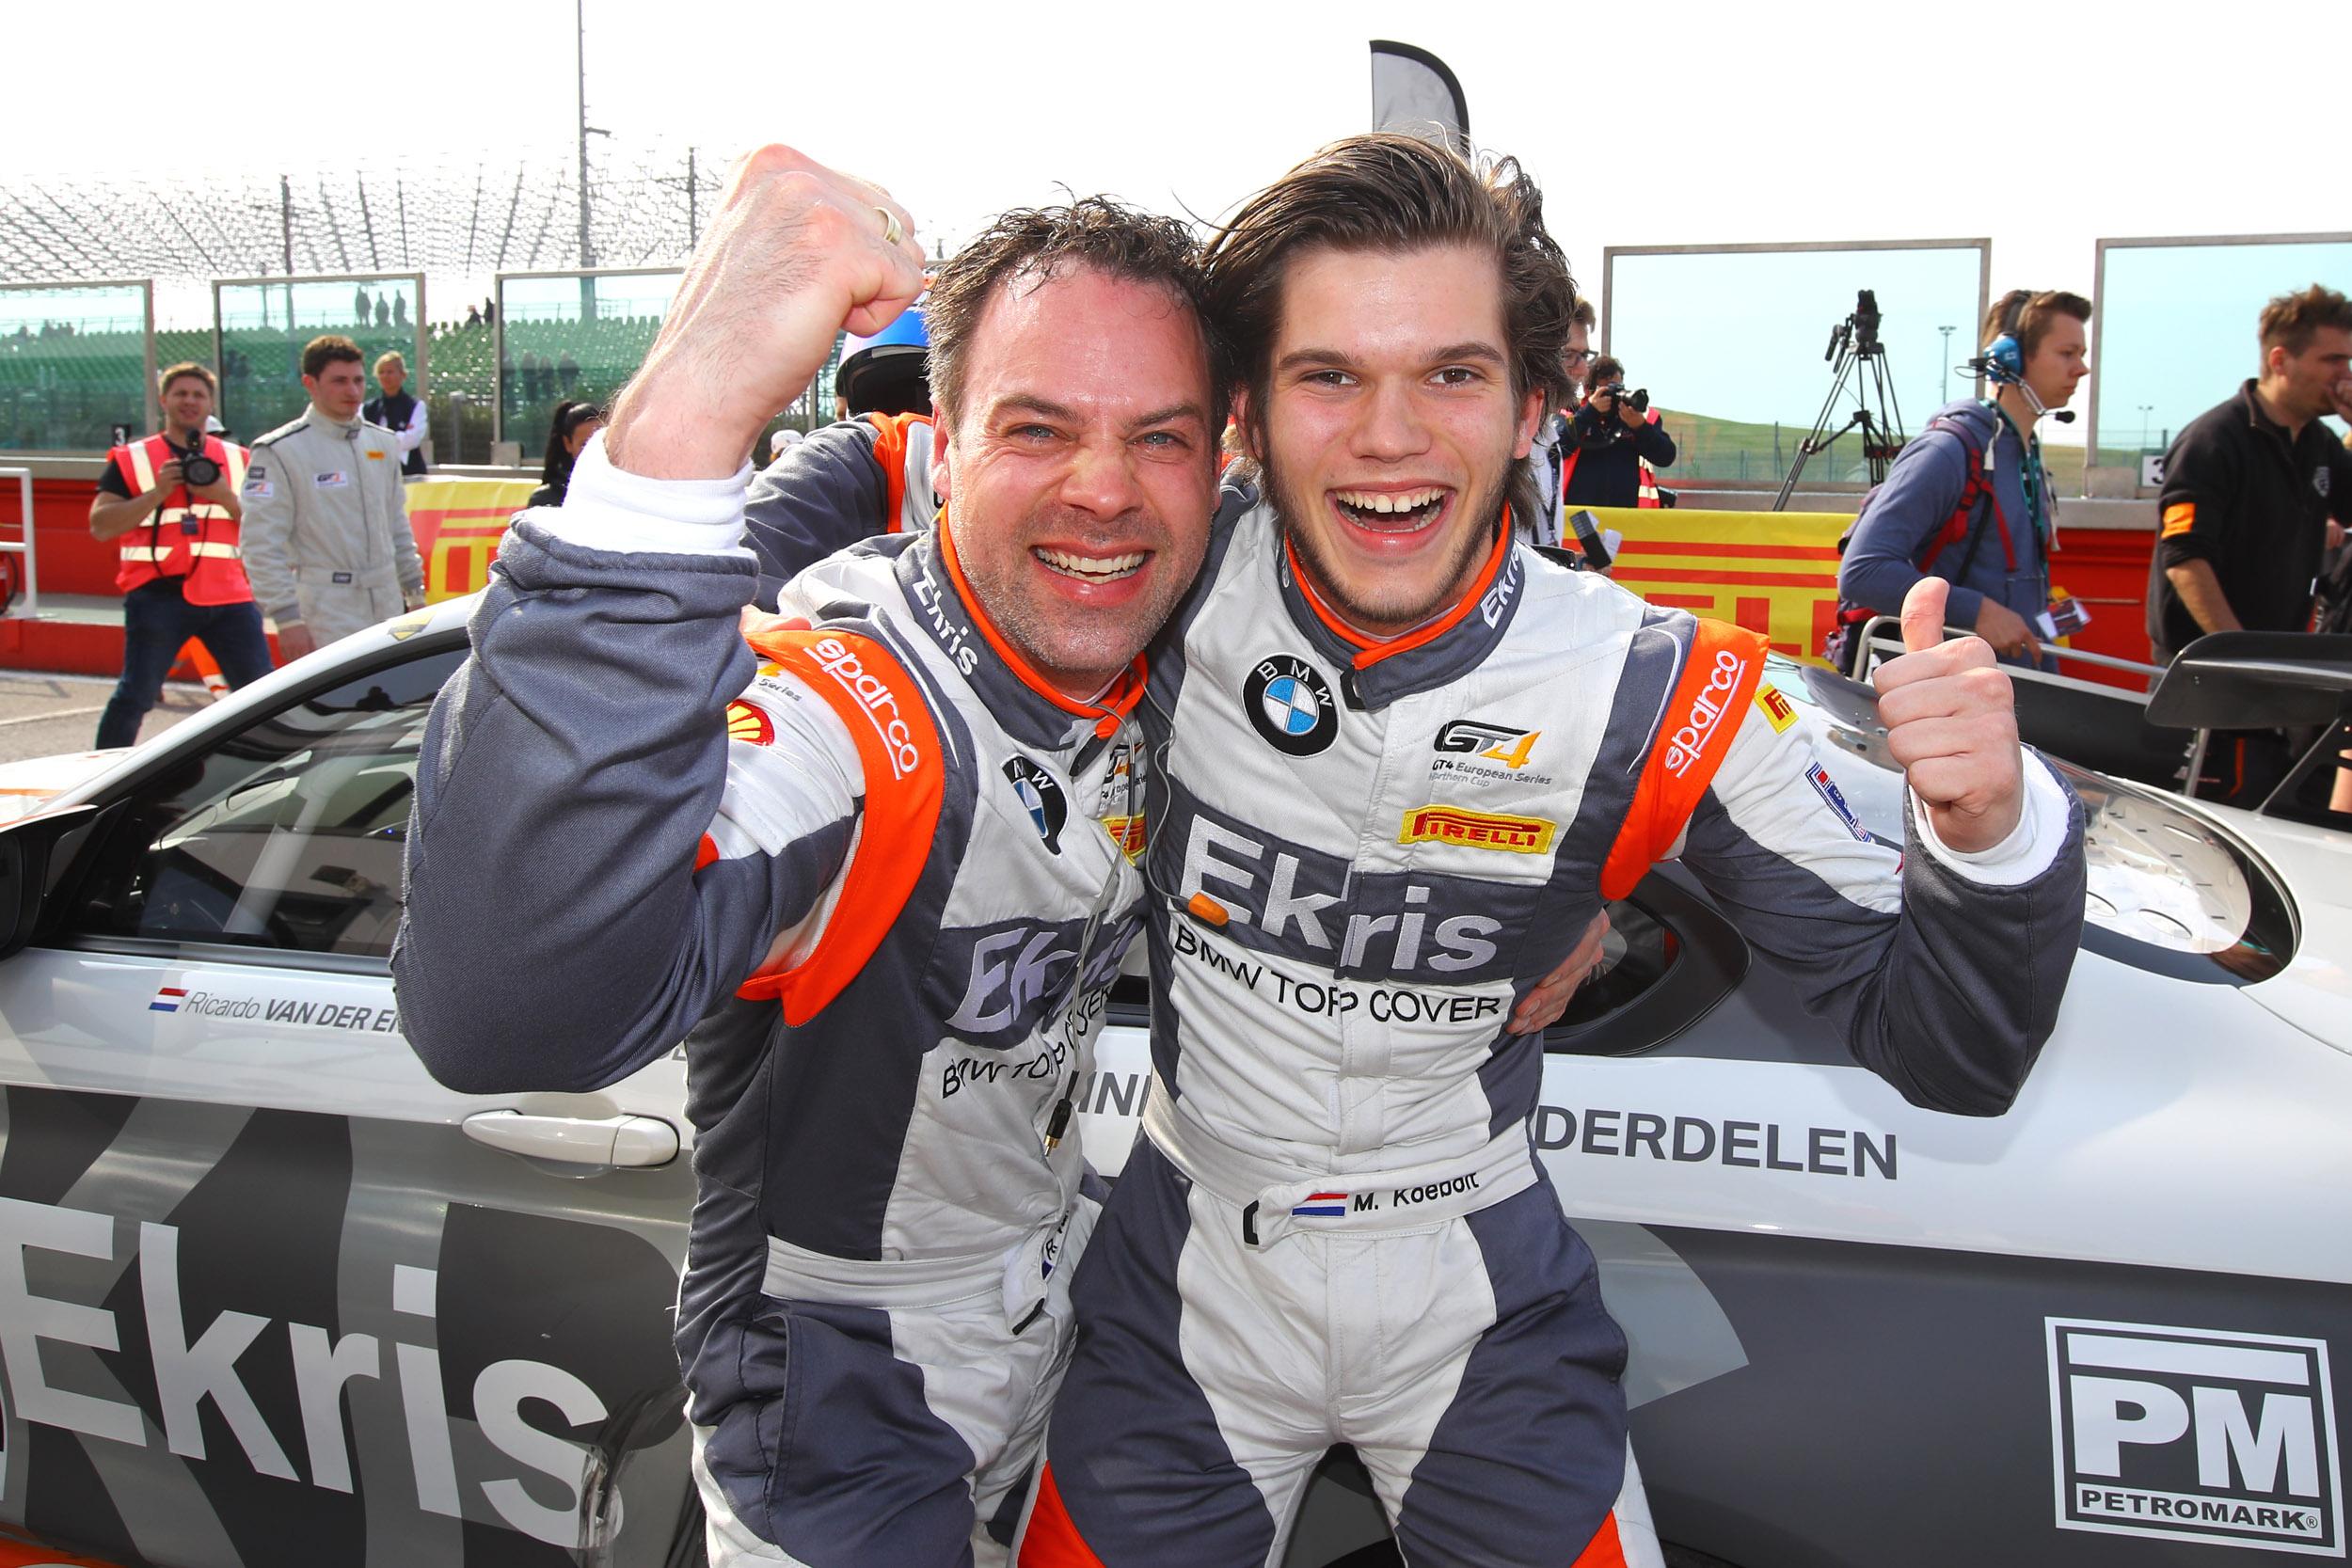 Missie geslaagd: Ekris Motorsport begint GT4-seizoen met twee podiumplaatsen in Misano